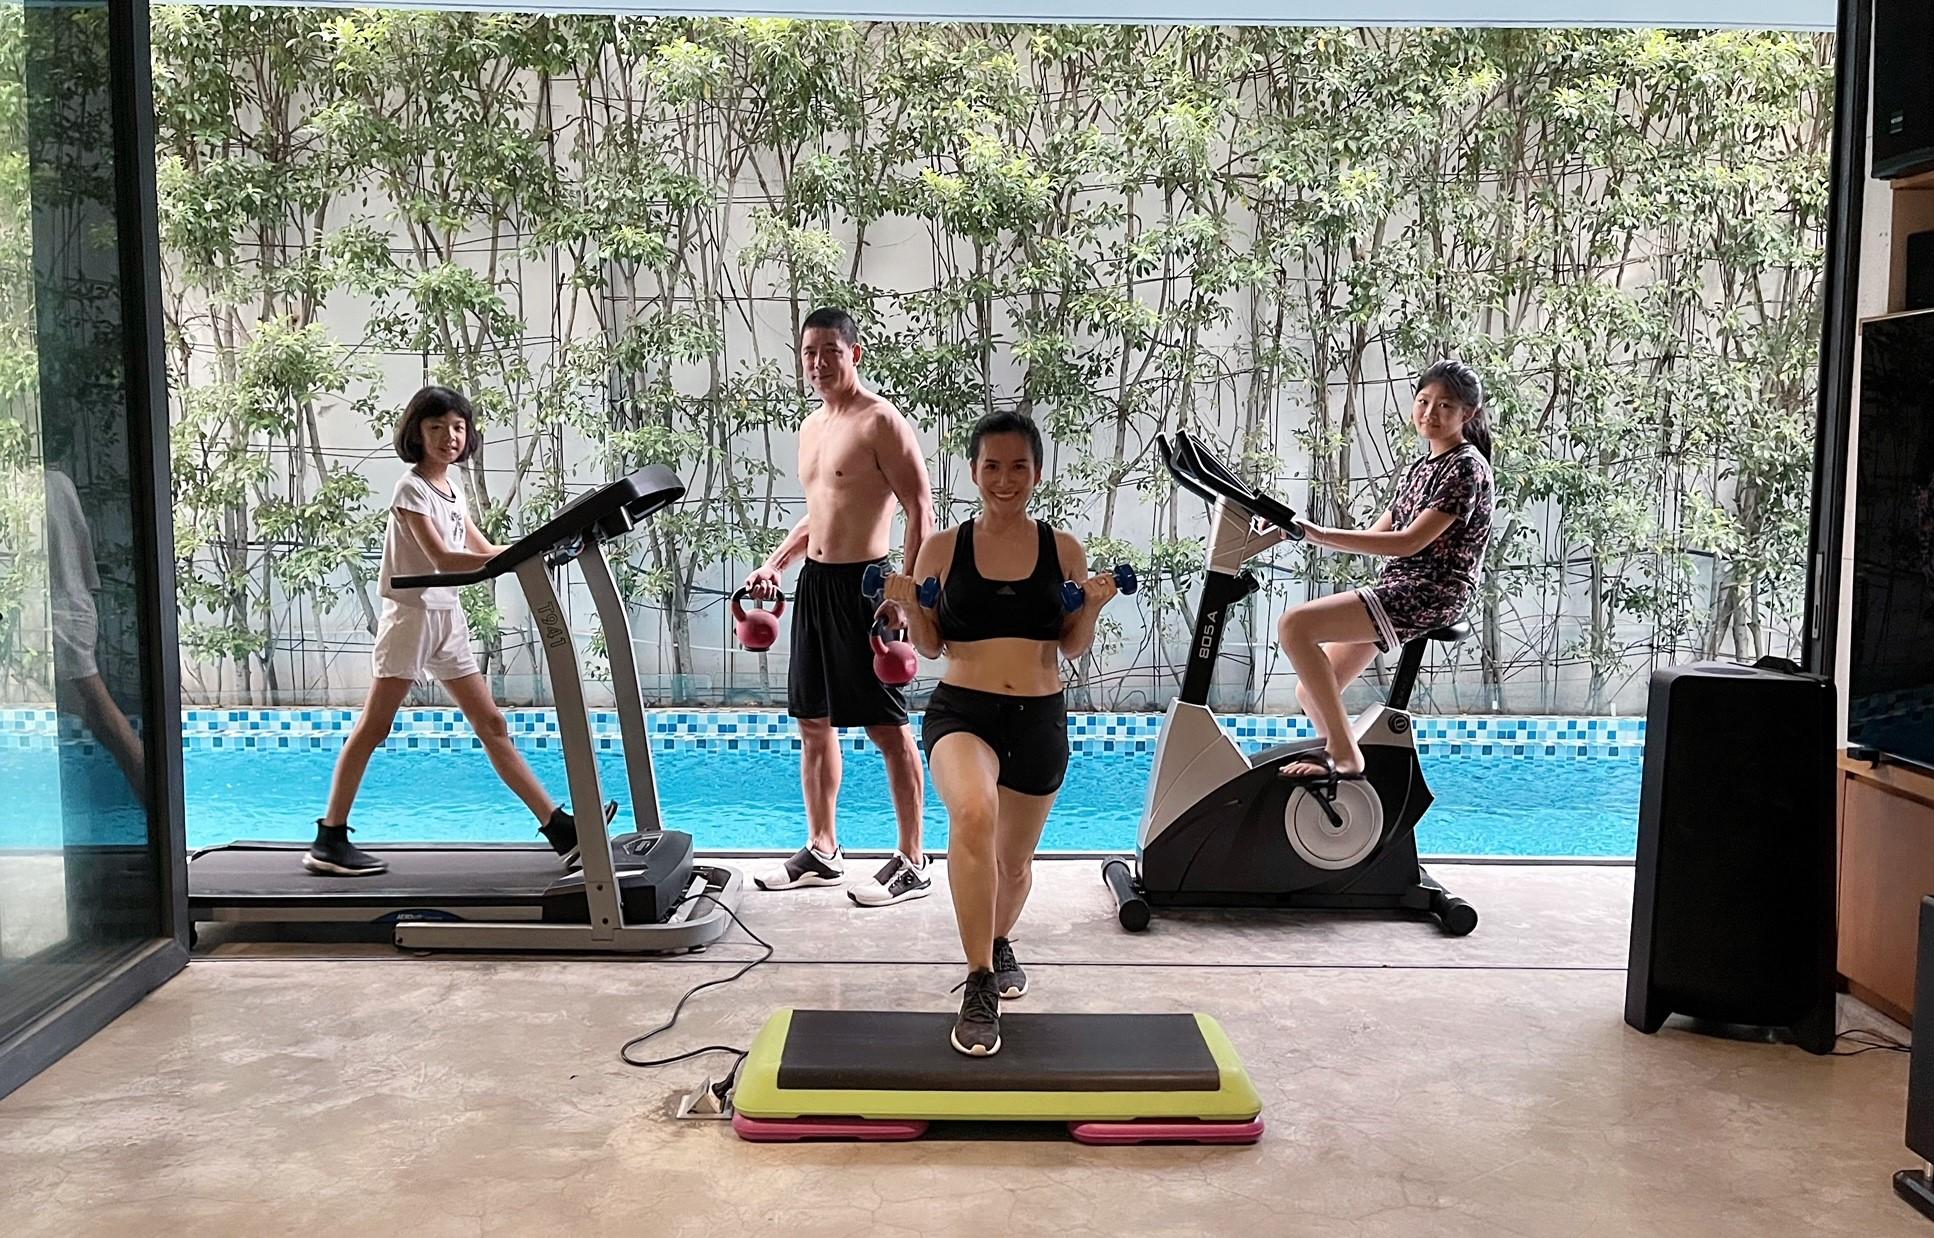 Gia đình Bình Minh - Anh Thơ tập luyện thể thao cùng nhau để tăng cường sức khỏe - Ảnh: Novaland